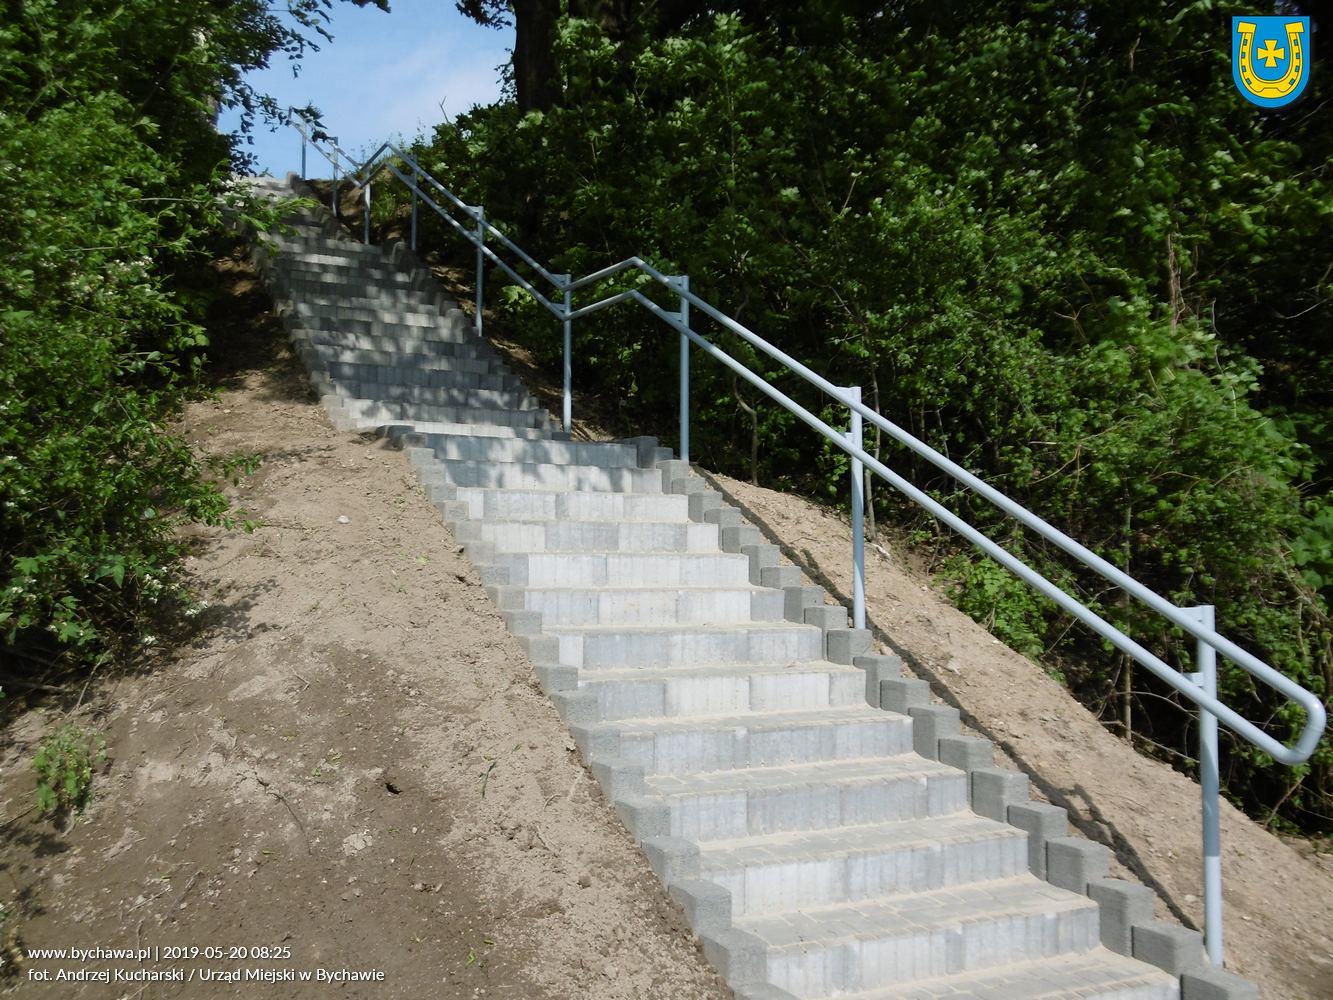 Remont schodów przy ruinach pałacu w Bychawie – zakończono